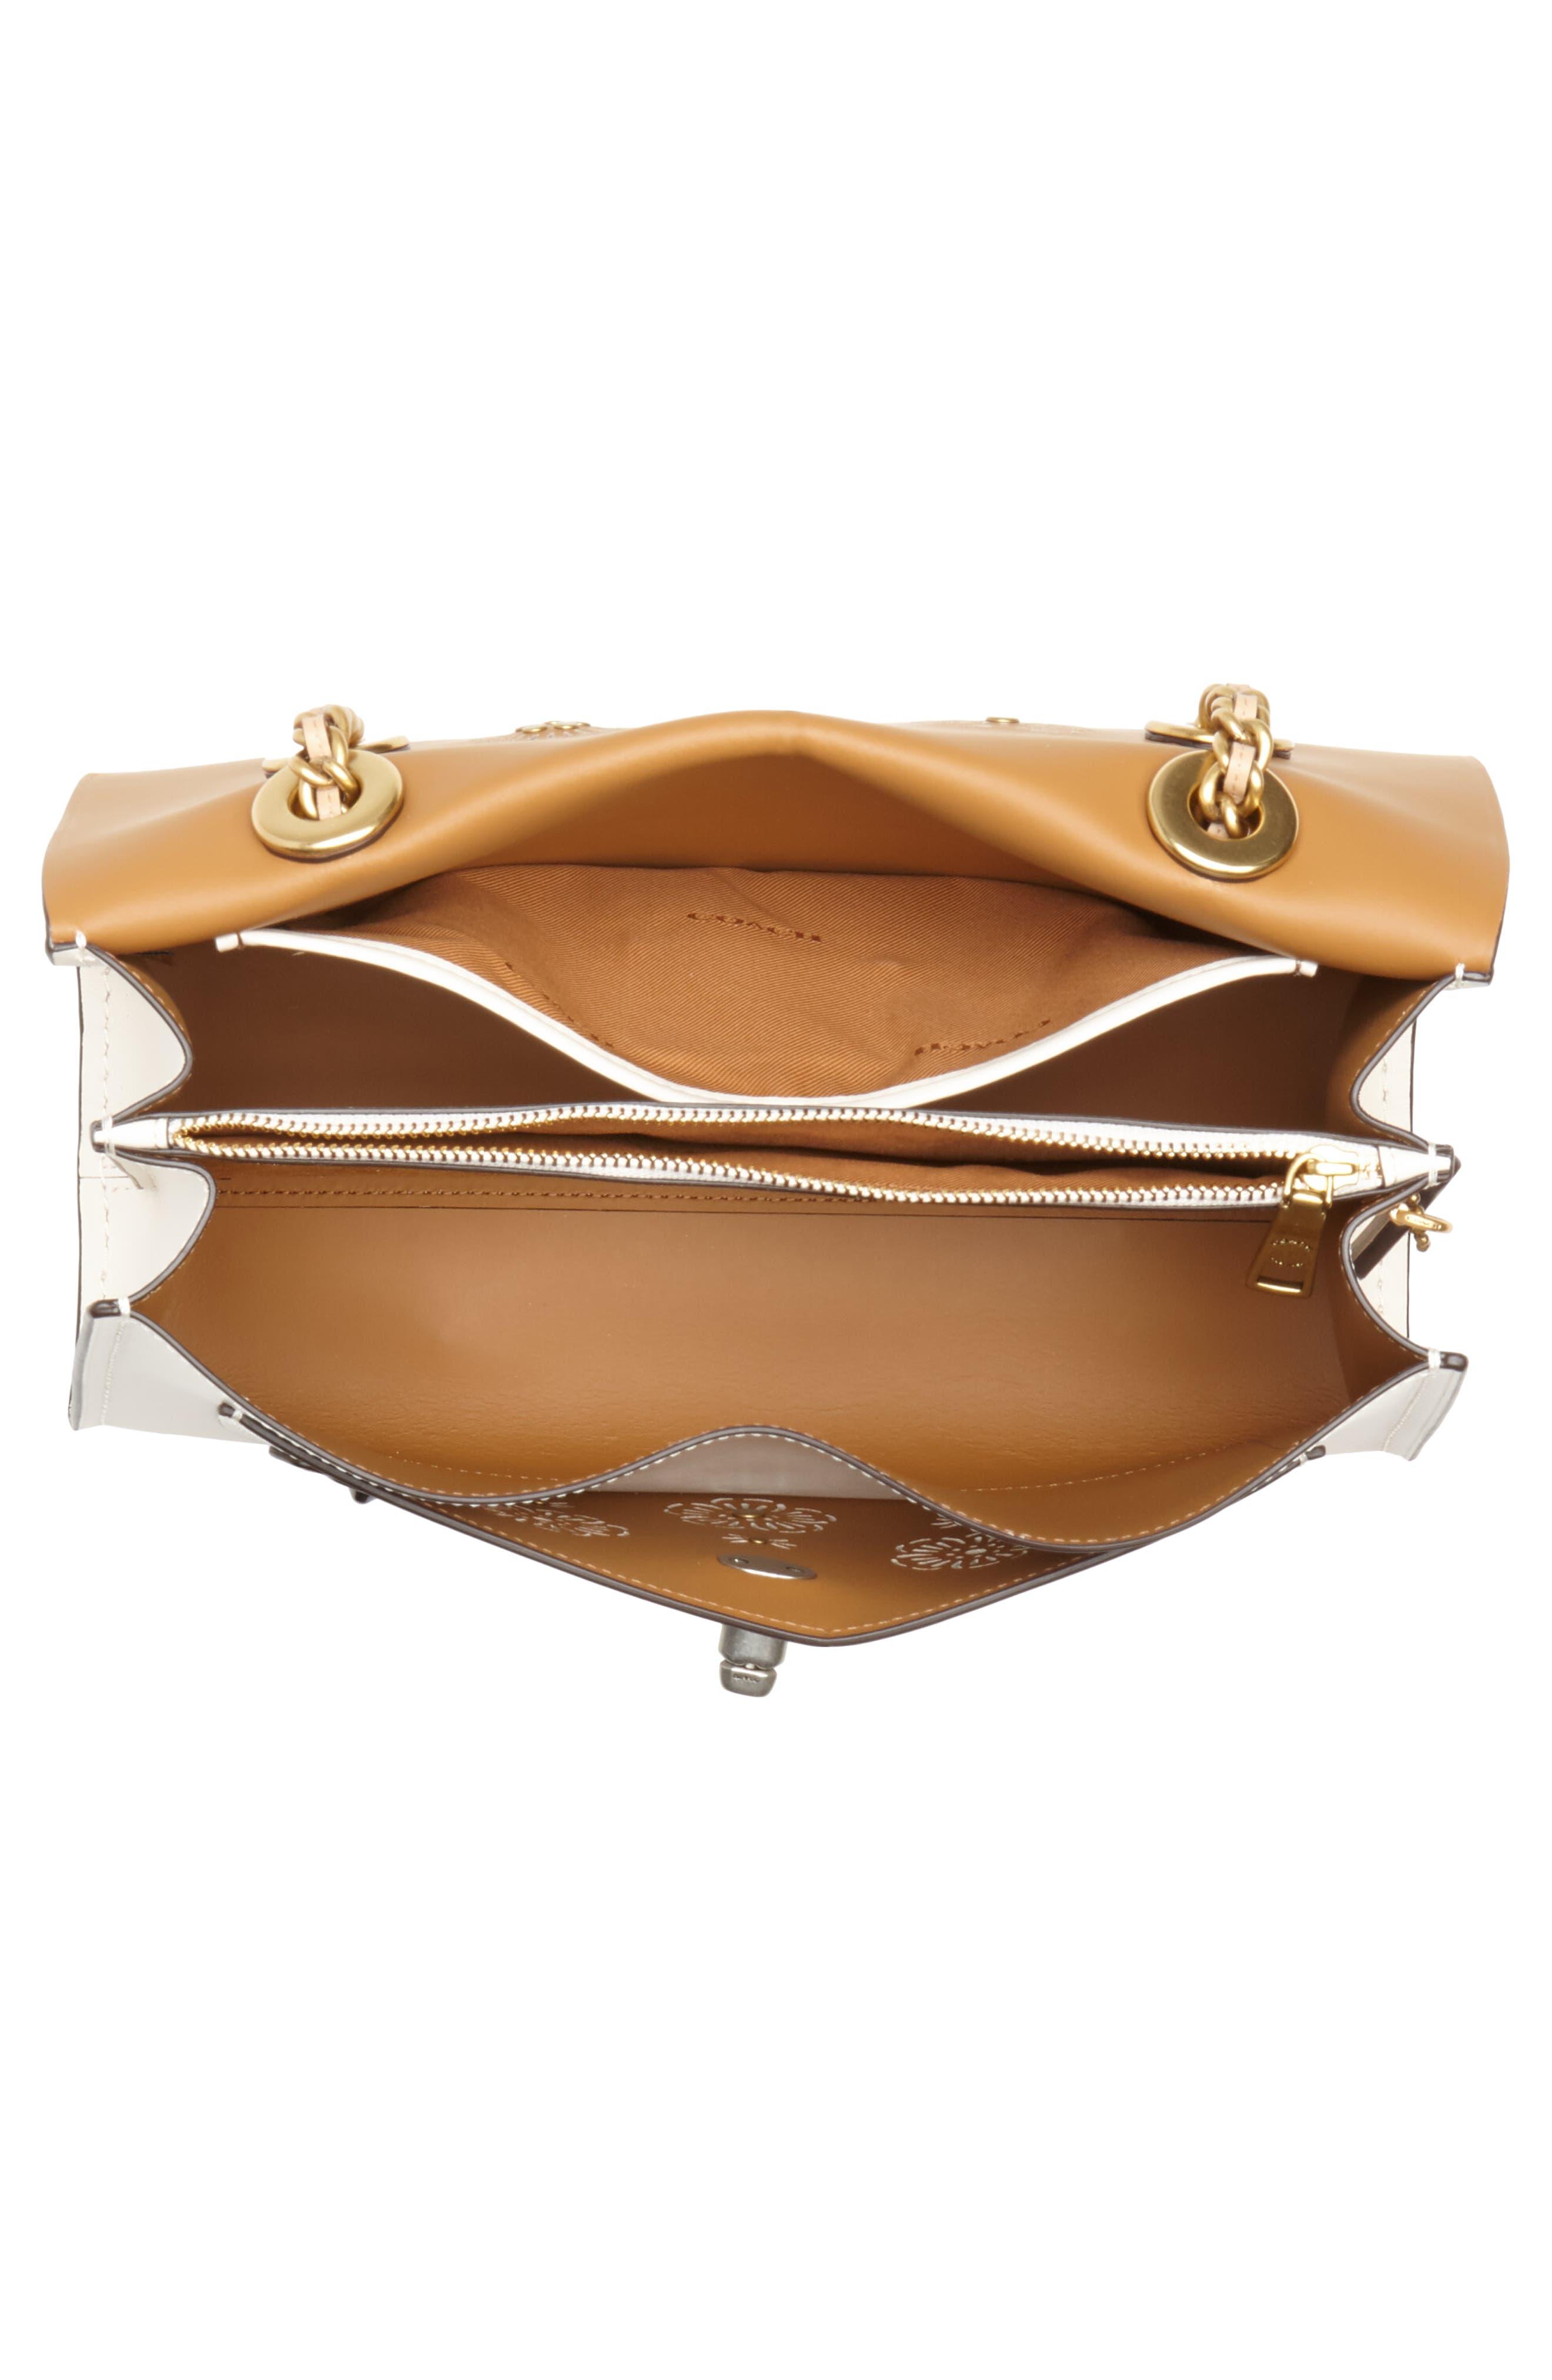 Parker Floral Embellished Leather Shoulder Bag,                             Alternate thumbnail 4, color,